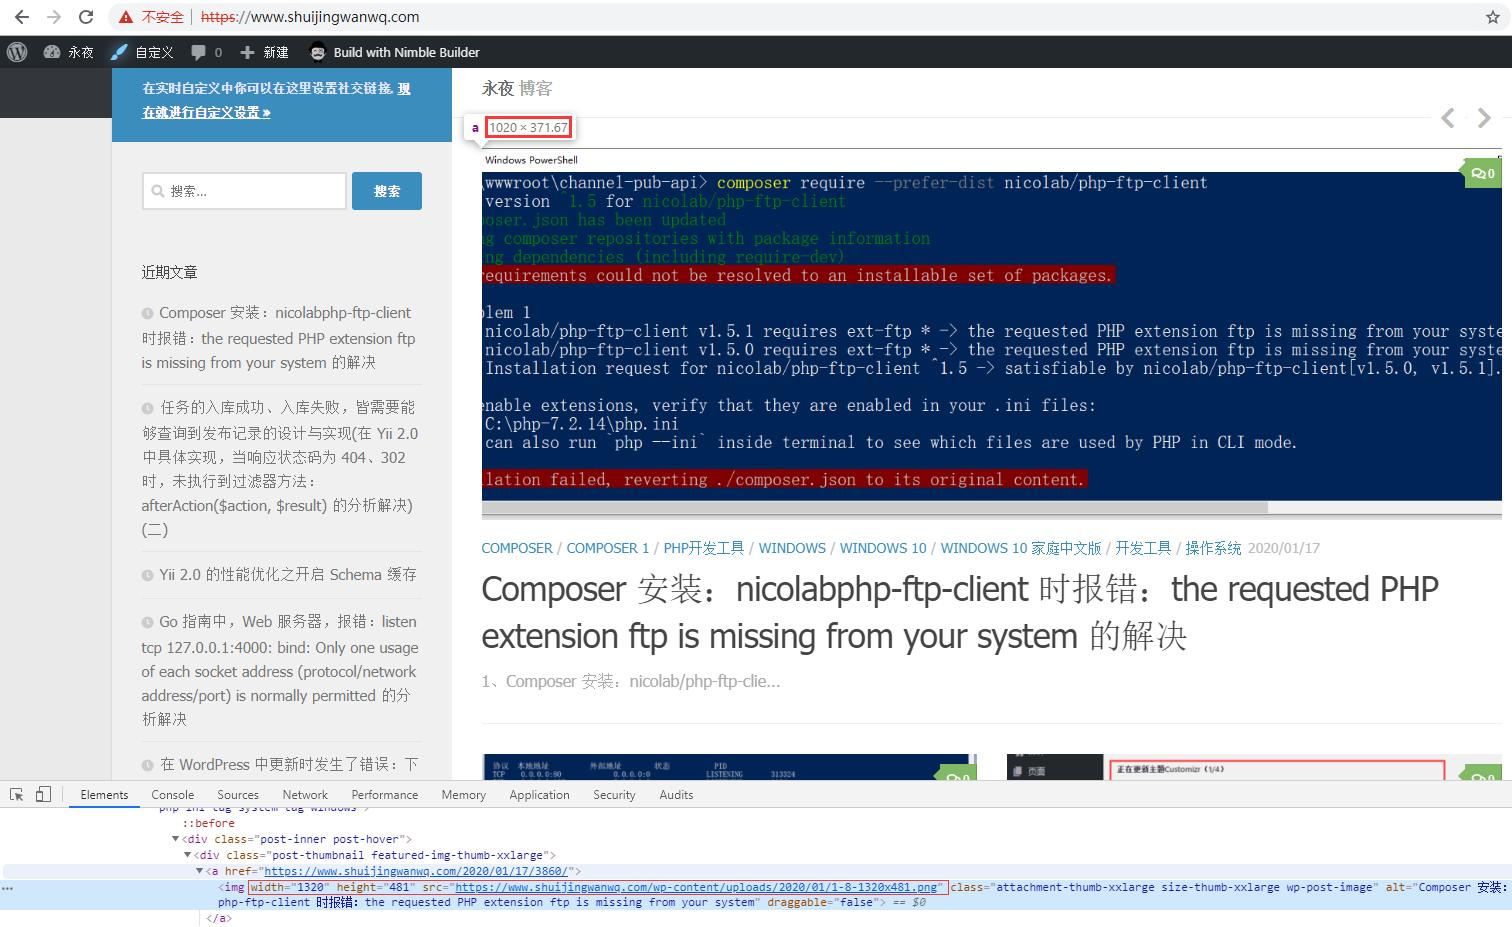 查看首页的缩略图,其图片的地址:https://www.shuijingwanwq.com/wp-content/uploads/2020/01/1-8-1320x481.png ,其原始大小为:1320 * 481 px,现在已经被缩小为:1020 * 371.67 px,变得足够清晰,符合预期